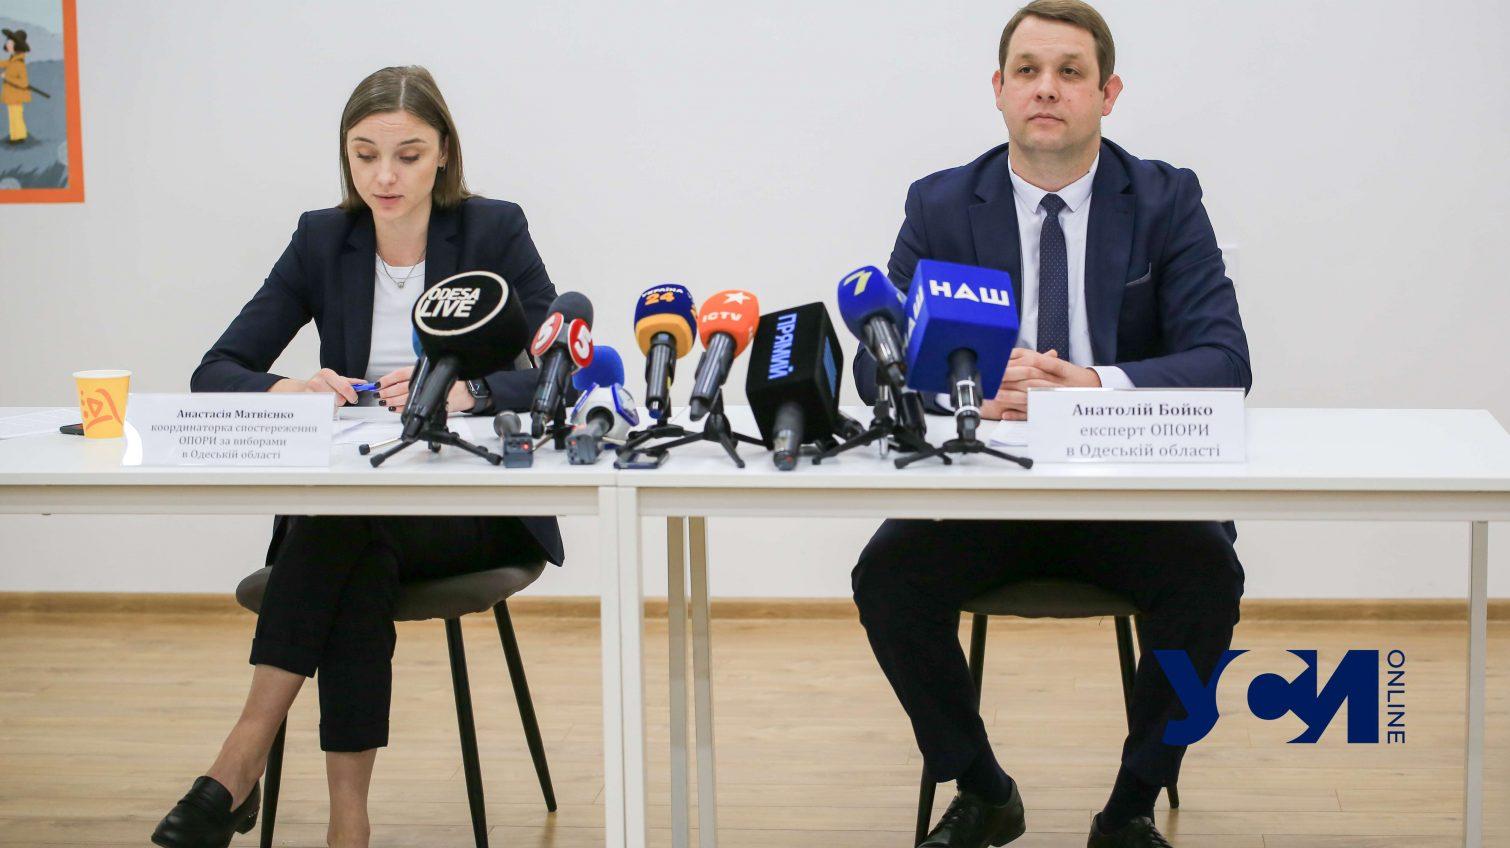 Итоги: как прошли выборы в Одесской области «фото»